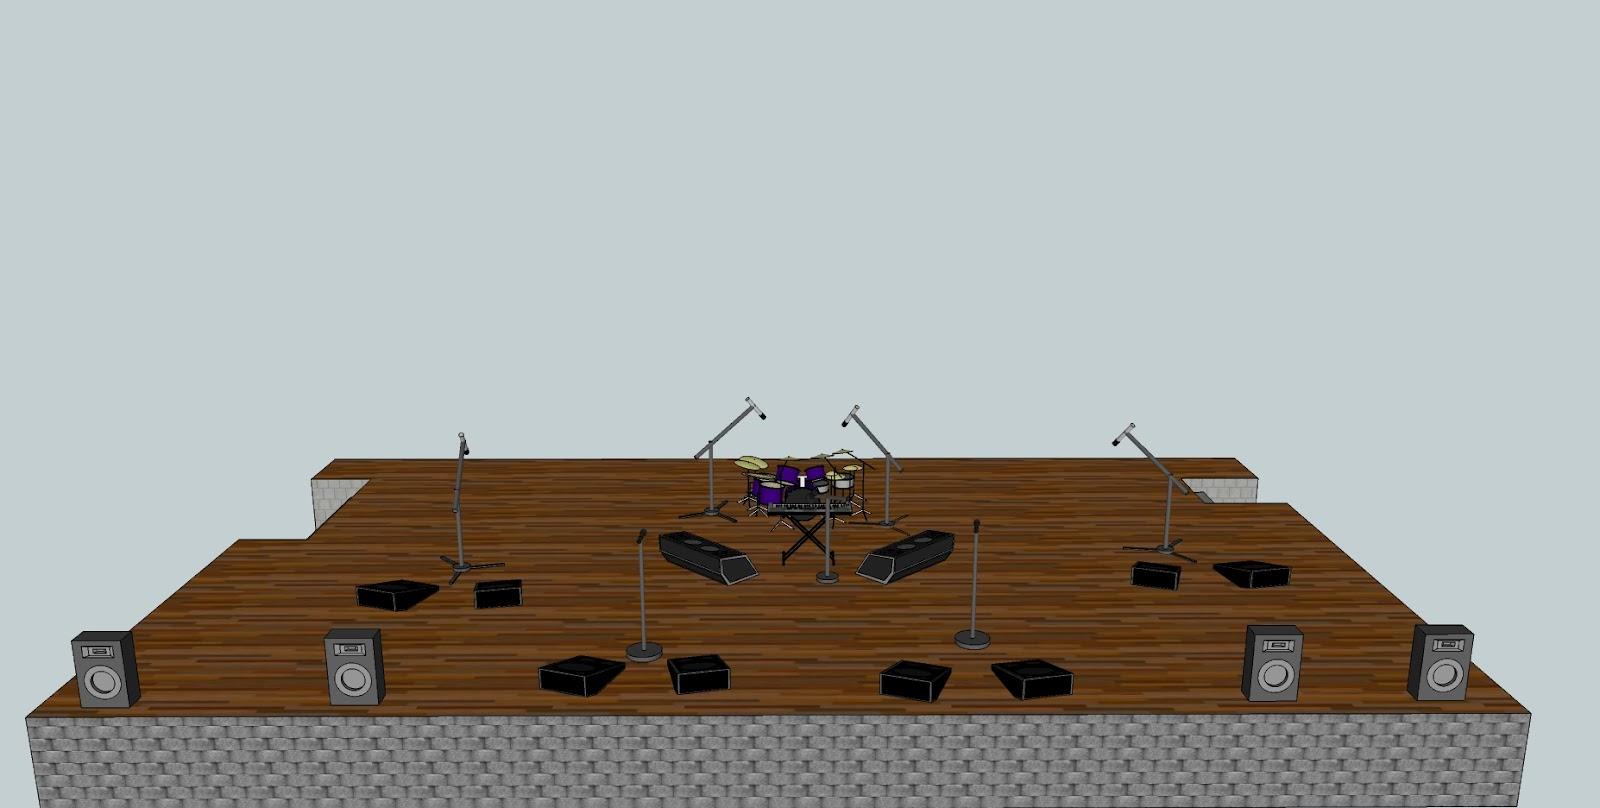 Pa System September 2012 Diagram Stage Setup 3d